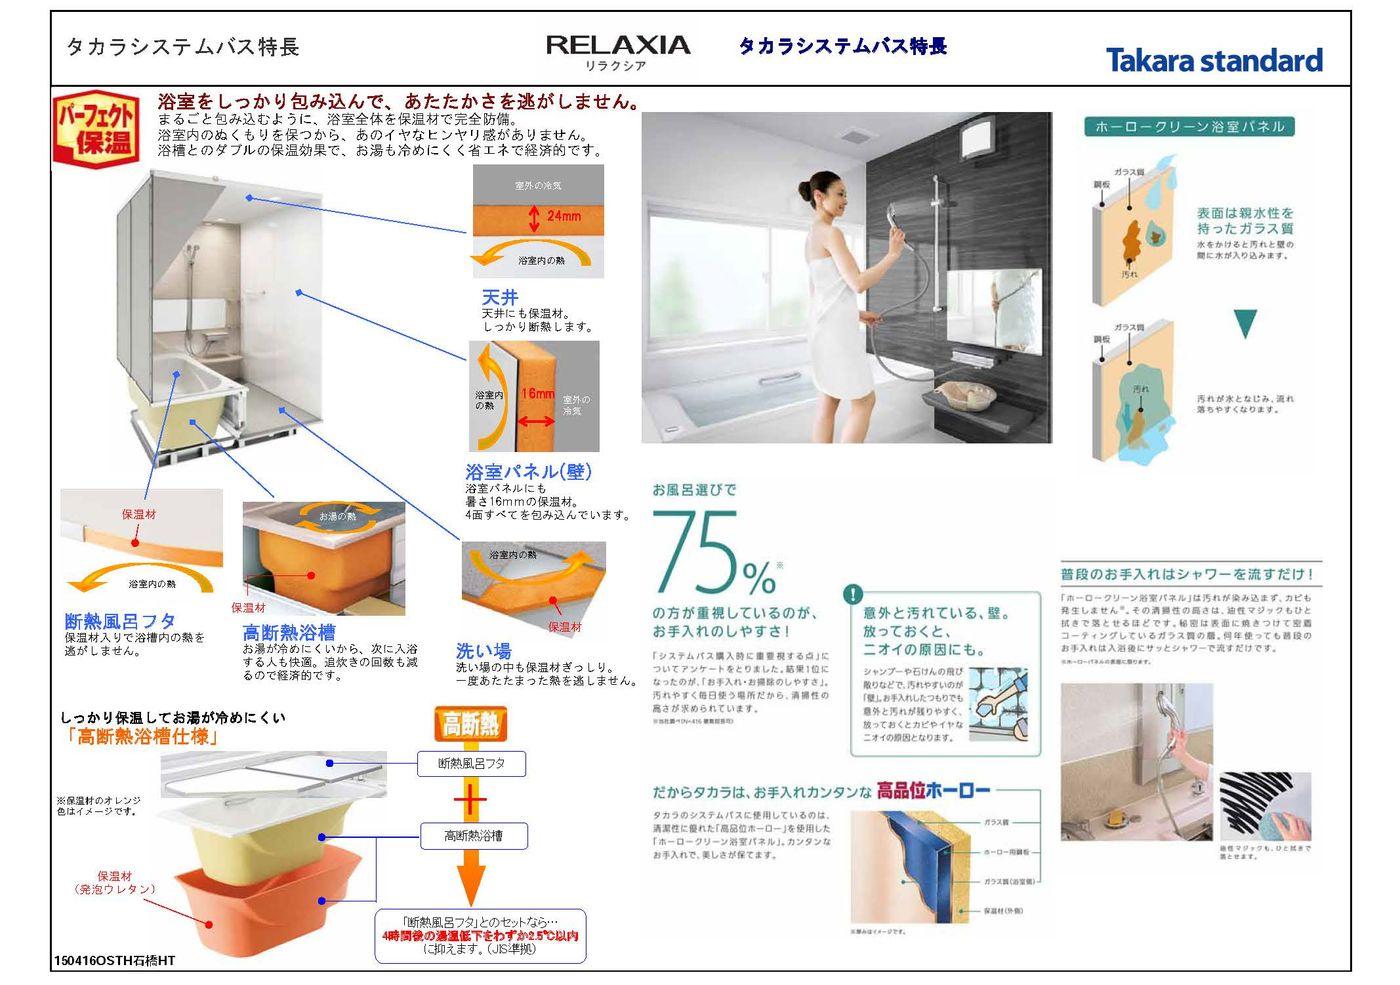 タカラシステムバス特長 リラクシア Takara standard